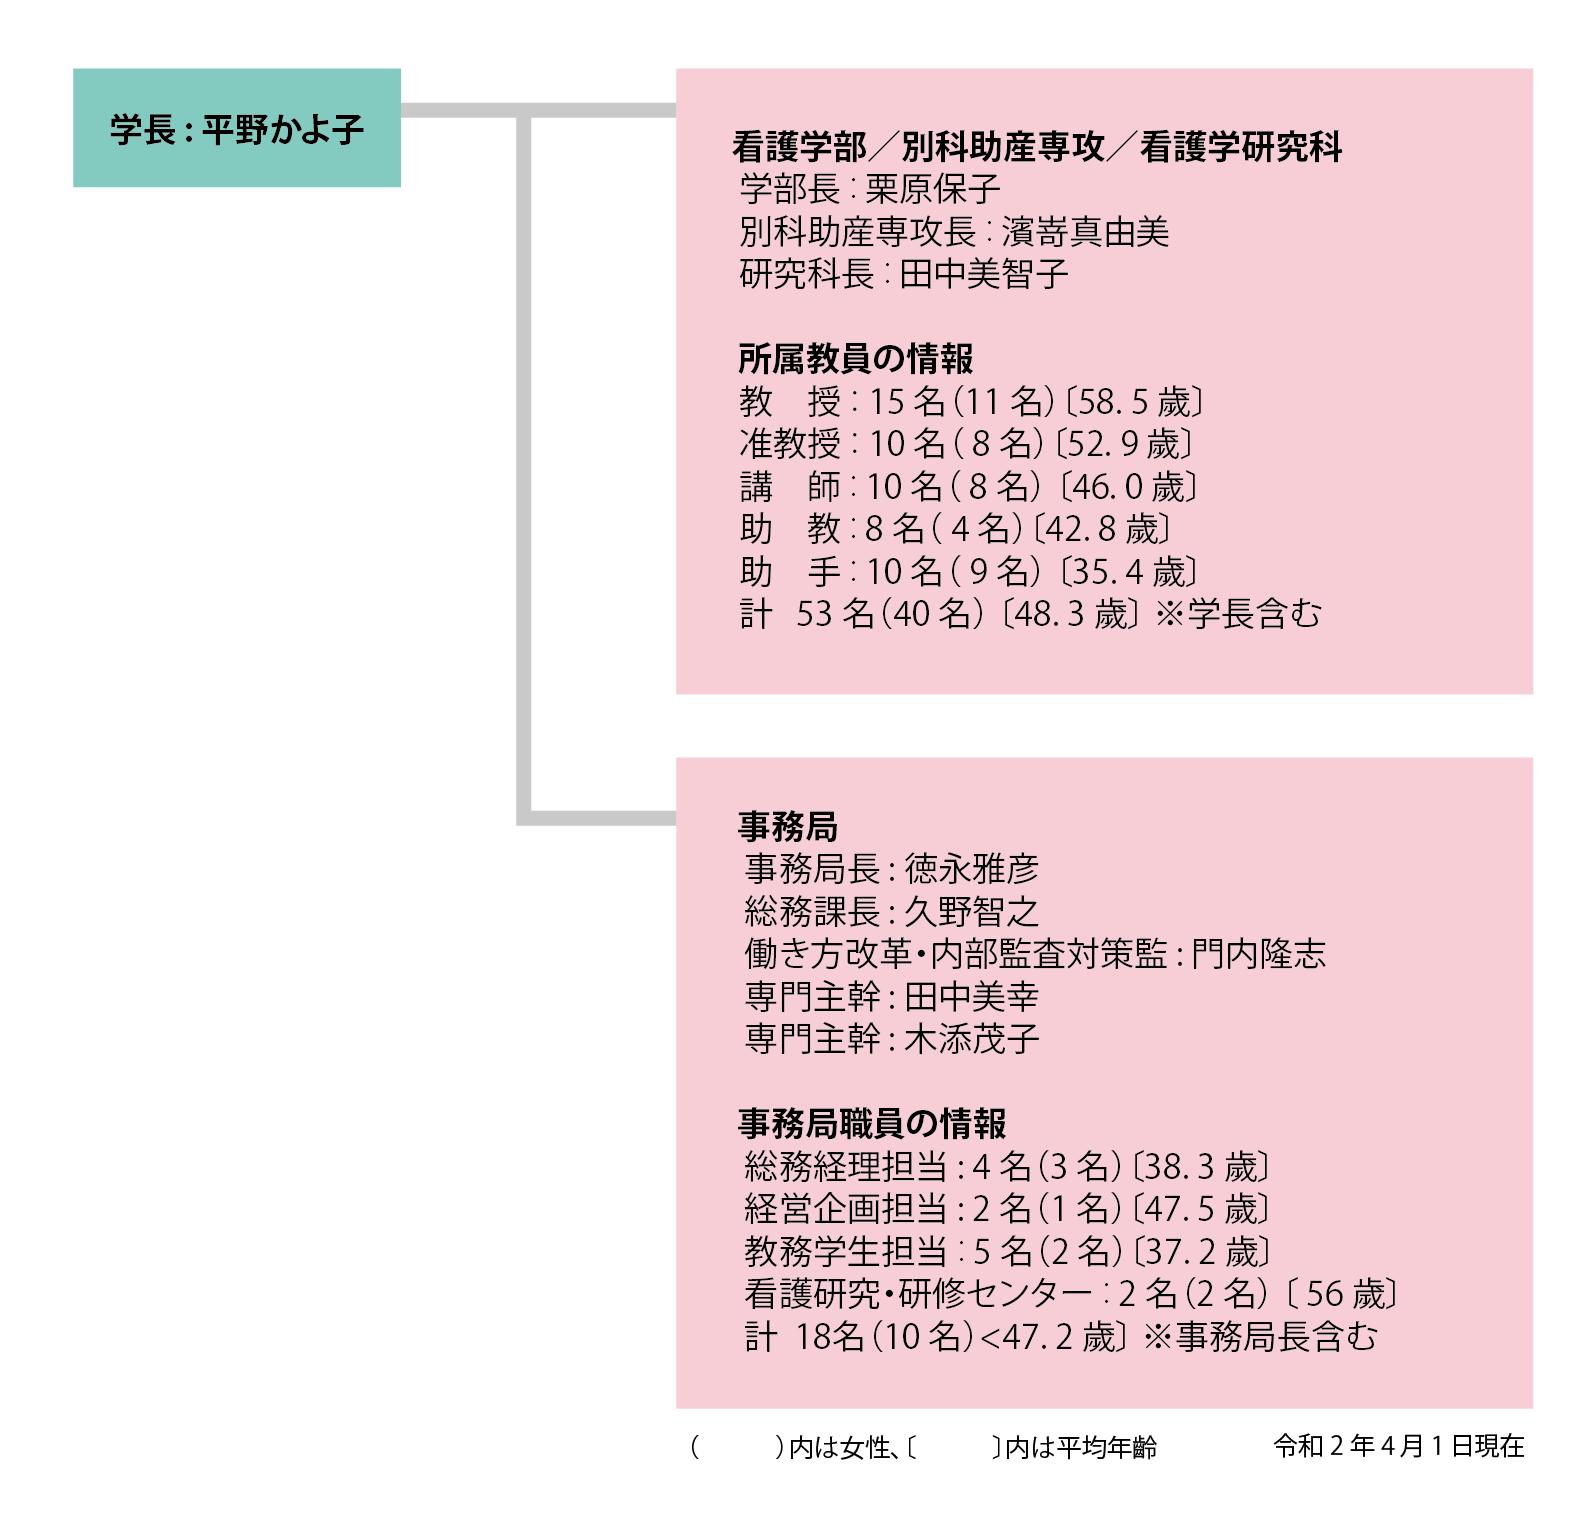 基本組織図